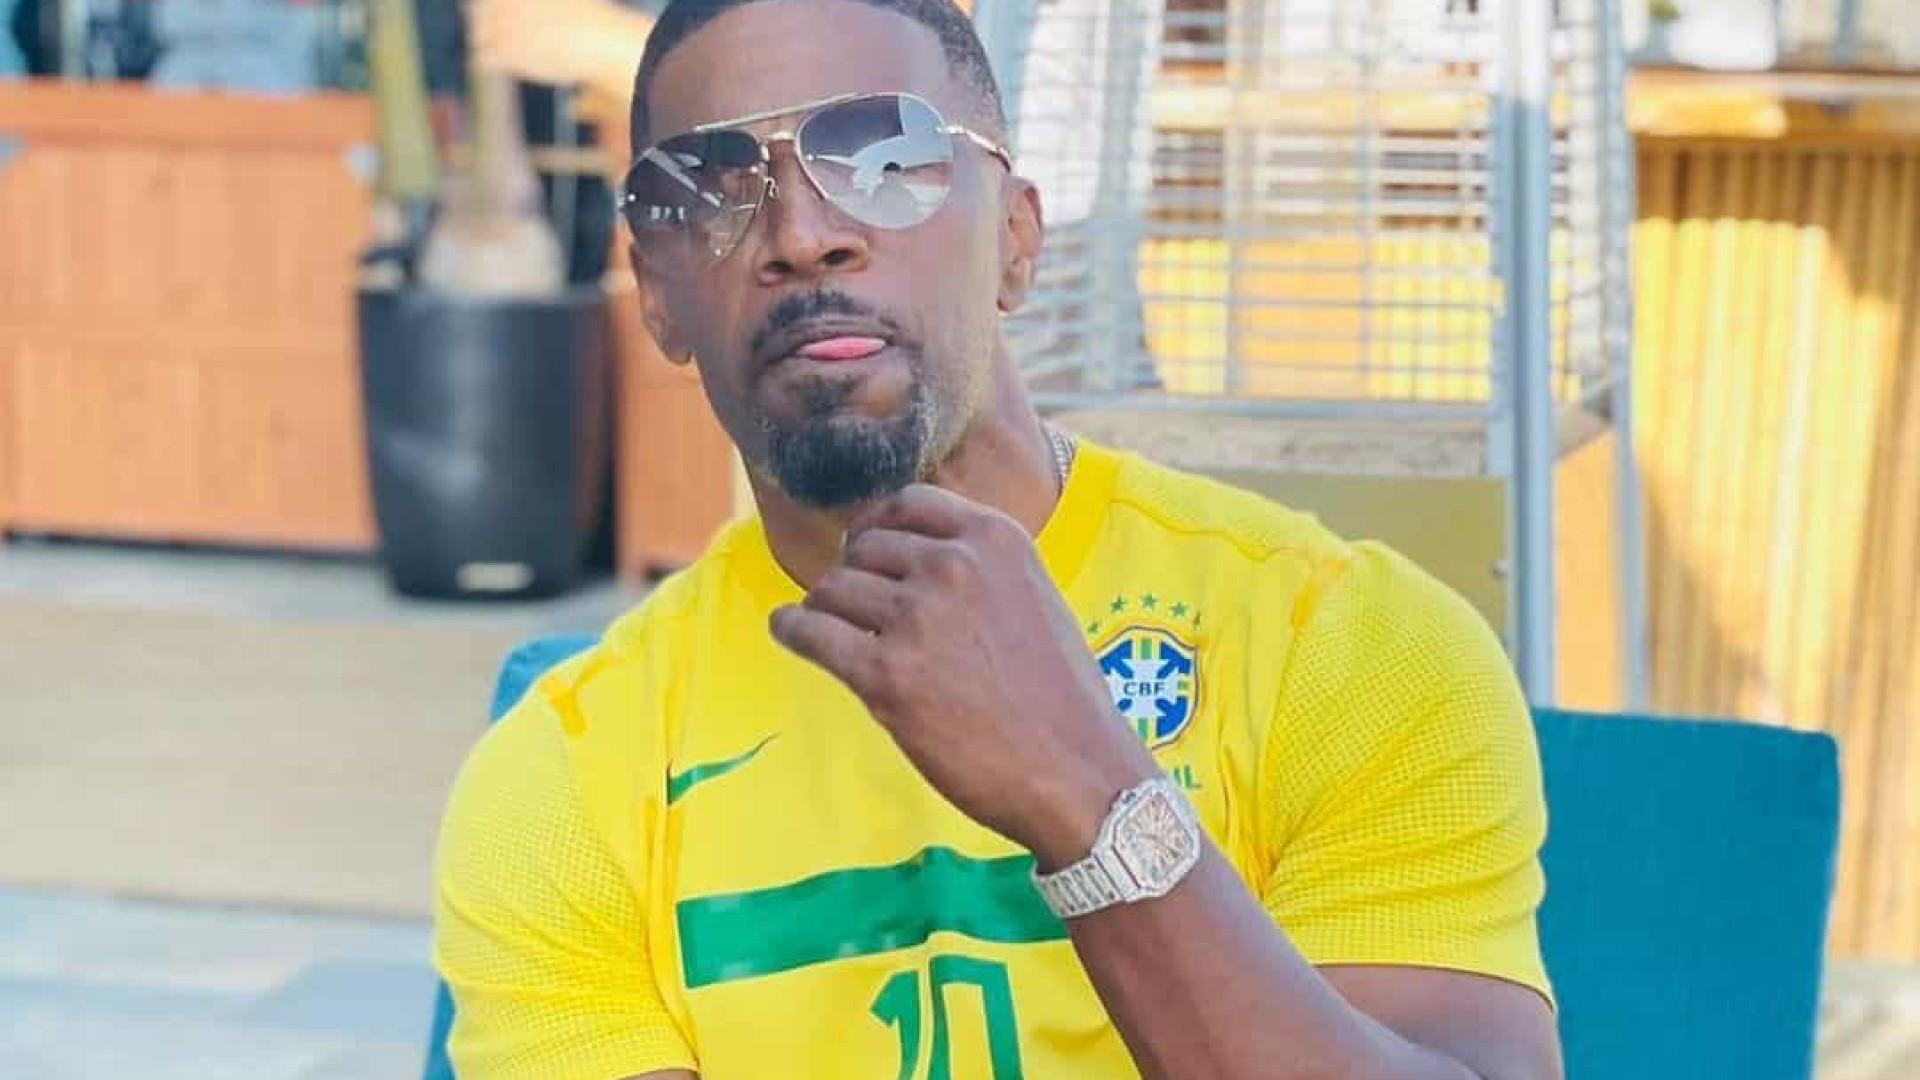 Jamie Foxx deixa fãs em alvoroço ao posar com camisa do Brasil